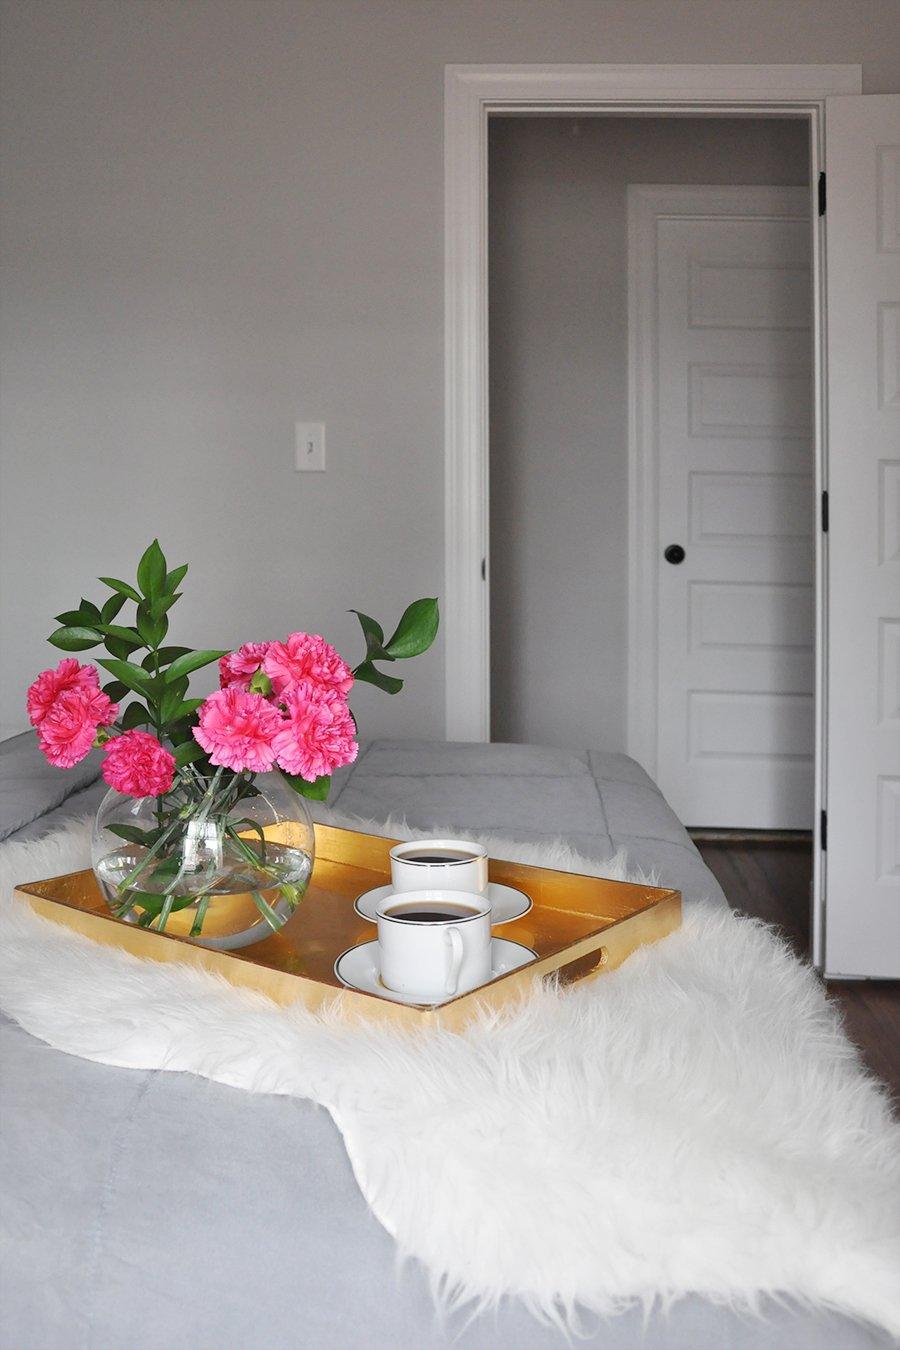 Simple Pleasures: Coffee in Bed